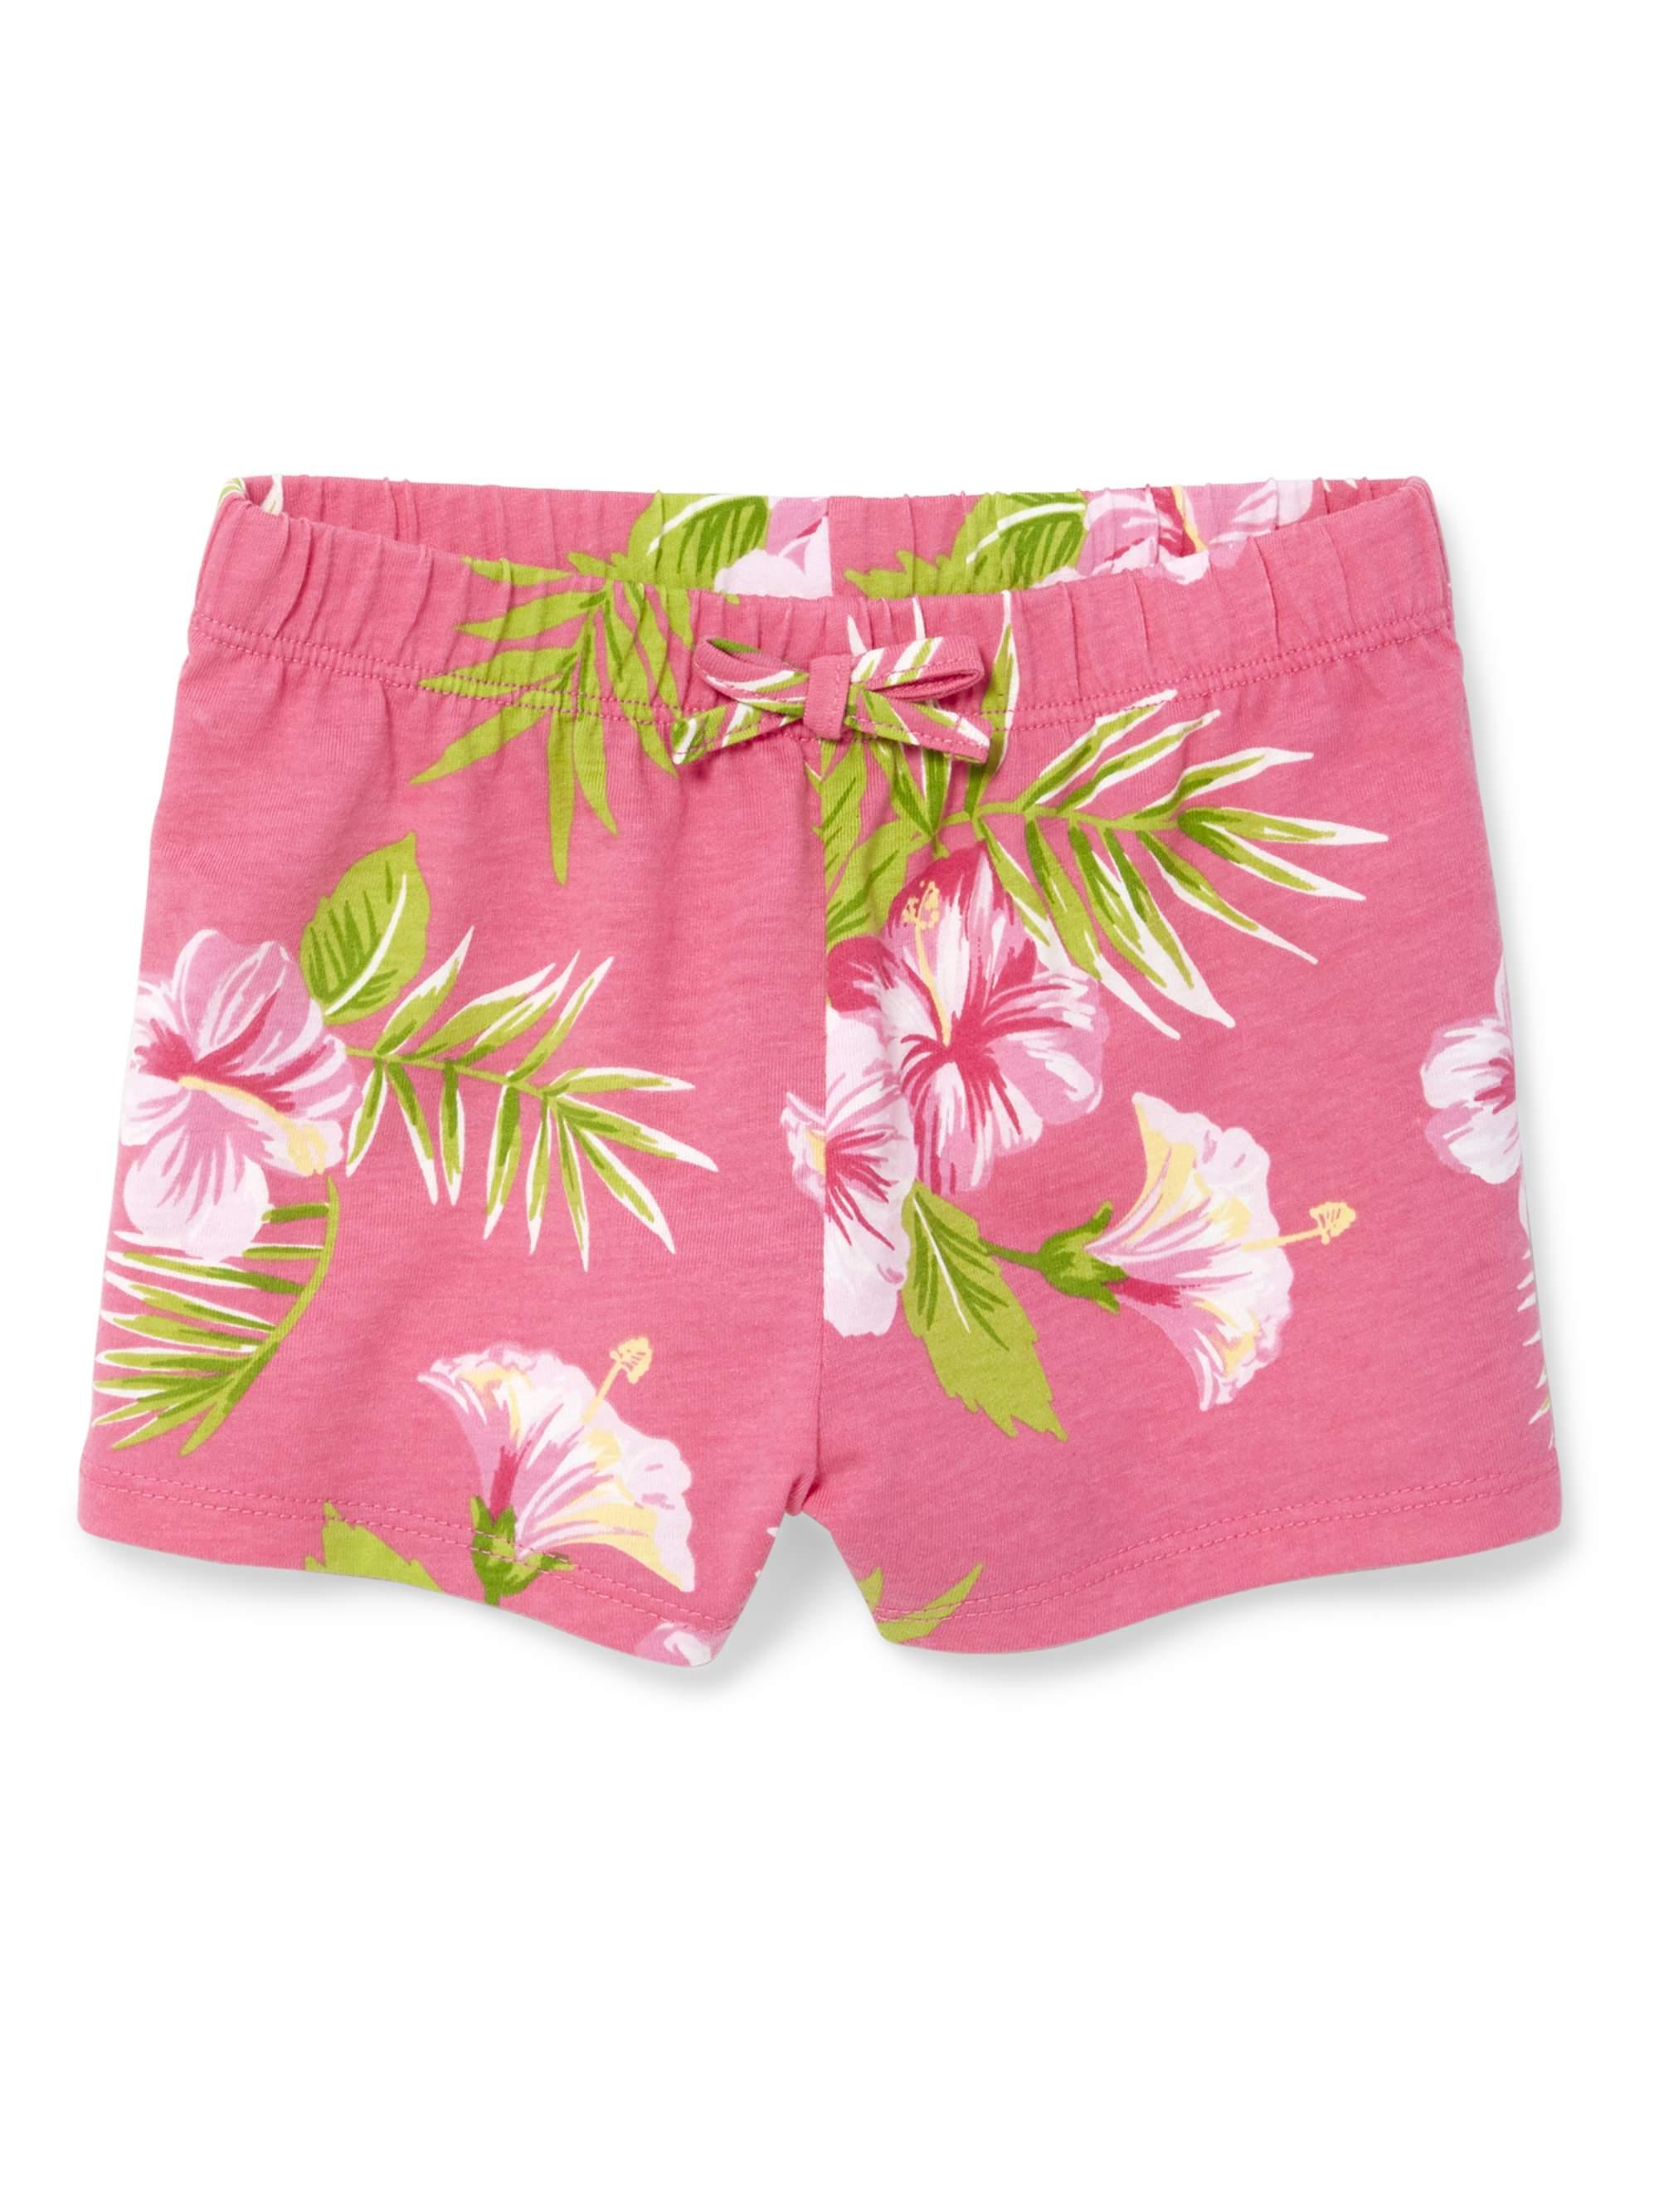 Printed Knit Shorts (Baby Girls & Toddler Girls)